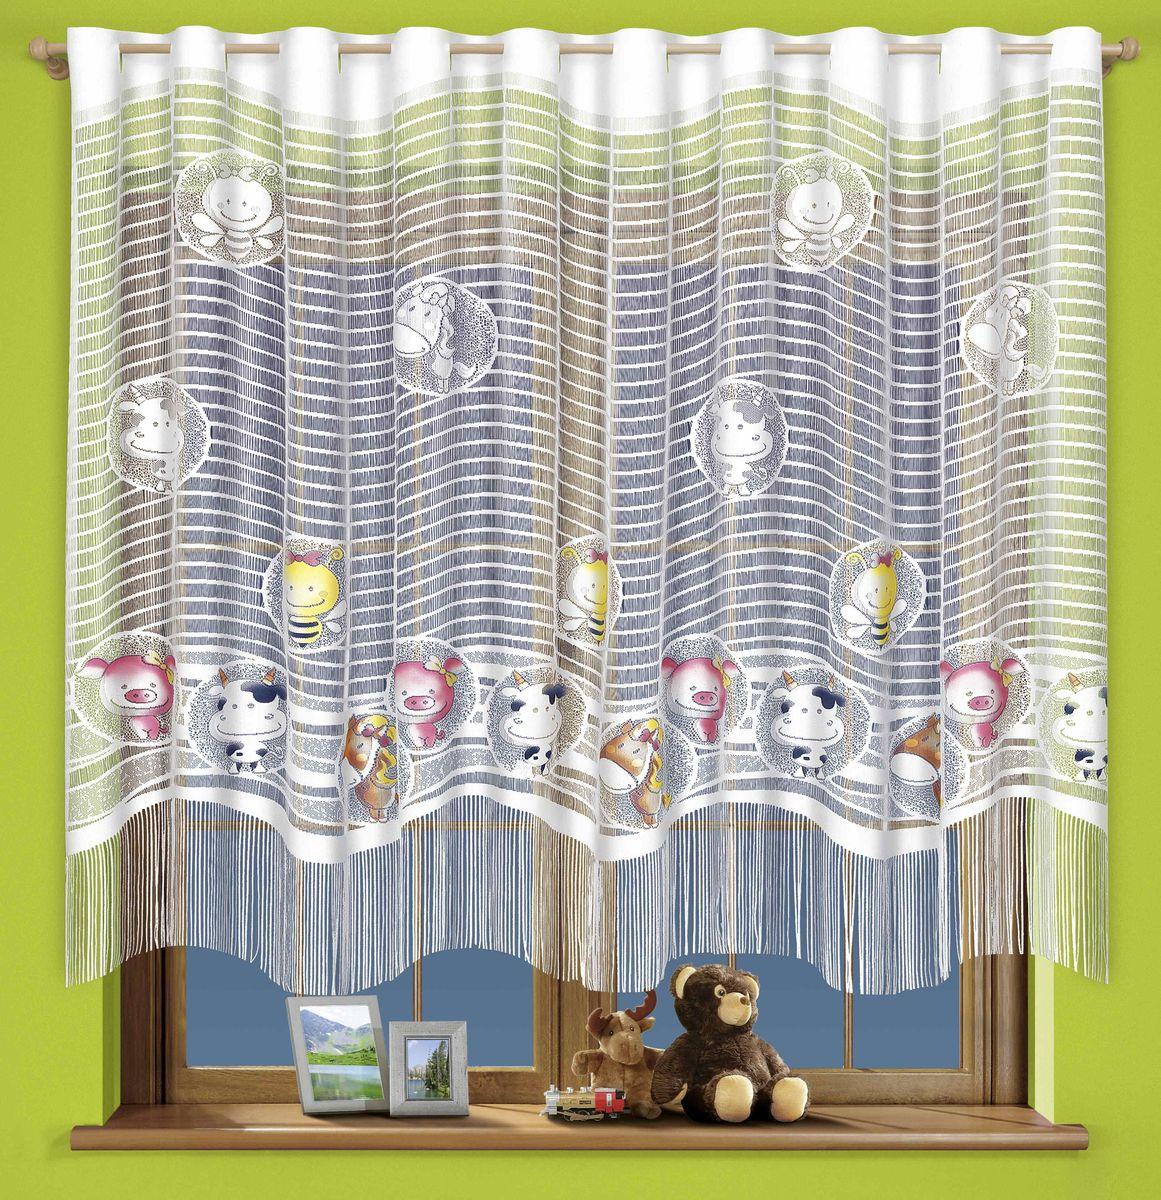 Гардина Wisan Zwierzaki, на петлях, цвет: белый, высота 160 смW050Гардина Wisan Zwierzaki изготовлена из белого полиэстера, легкой, тонкой ткани. Изделие выполнено из бахромы, с забавными вставками зверушек. Тонкое плетение, оригинальный дизайн и приятная цветовая гамма привлекут к себе внимание и органично впишутся в интерьер кухни. Оригинальное оформление гардины внесет разнообразие и подарит заряд положительного настроения.Верхняя часть гардины оснащена петлями для круглого карниза.